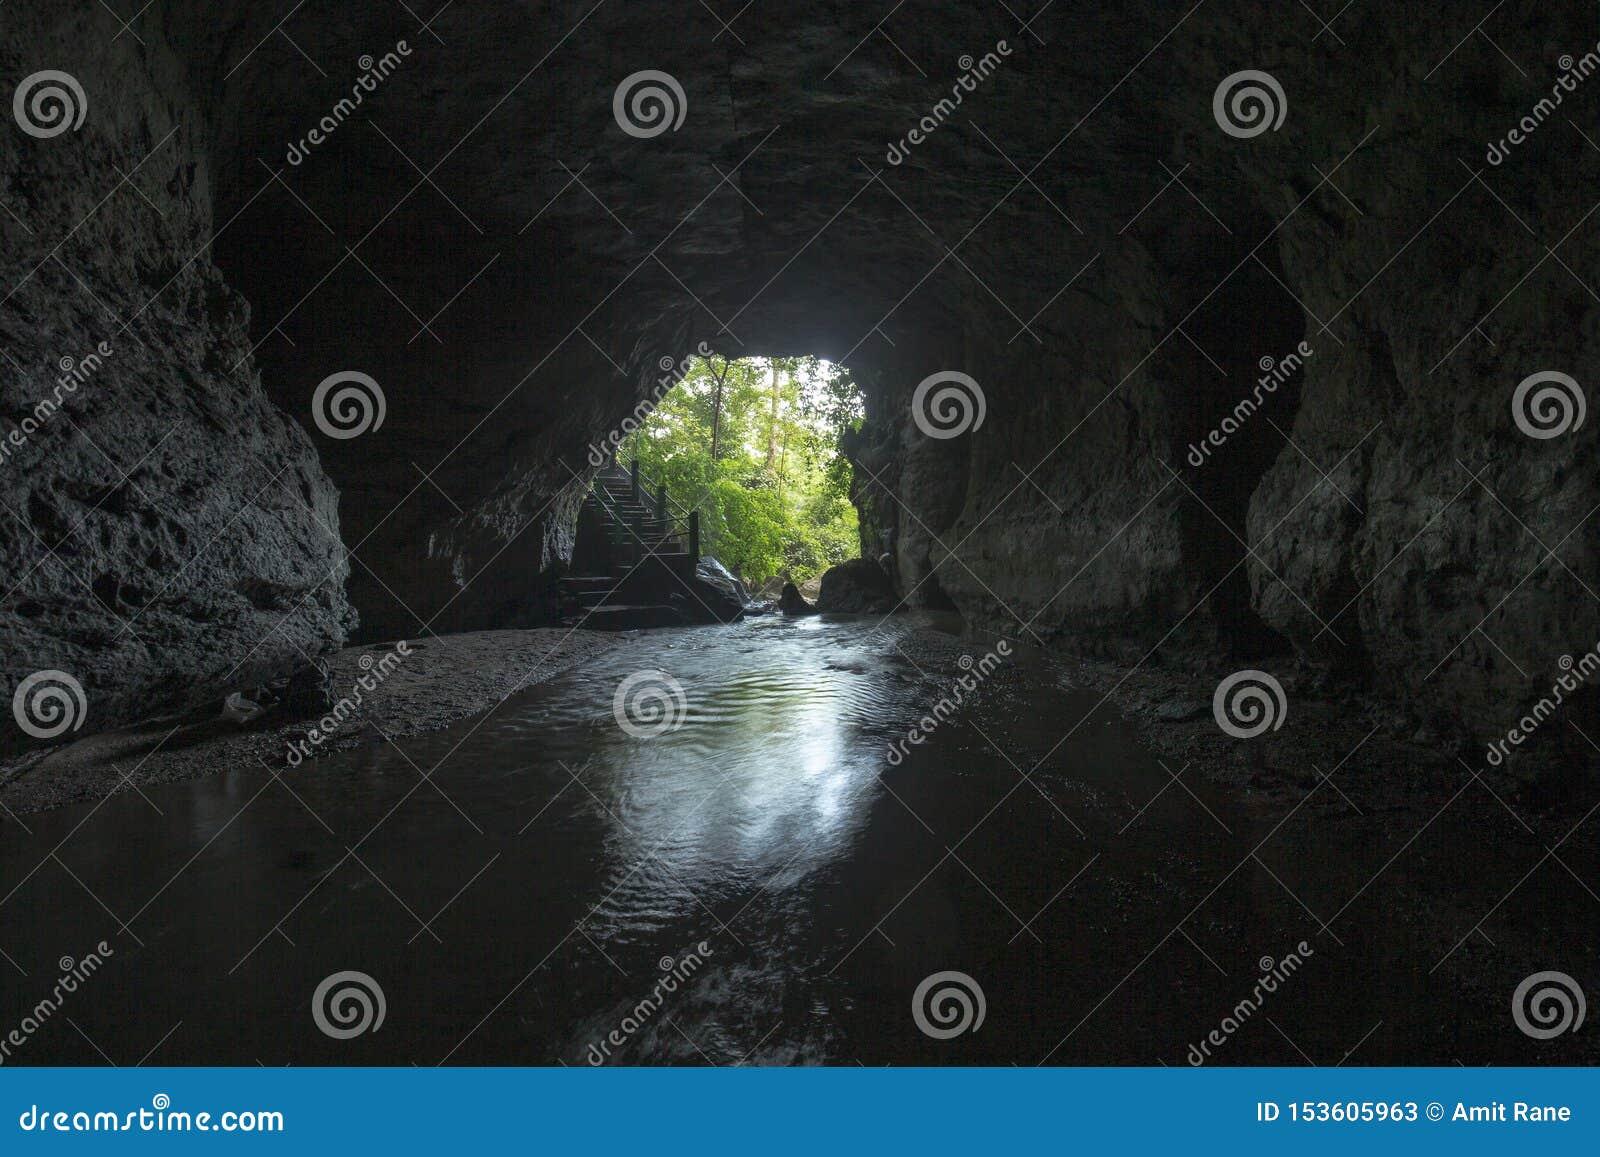 Είσοδος μια της Ινδίας από τη μεγαλύτερη σπηλιά Siju, Meghalaya, Ινδία